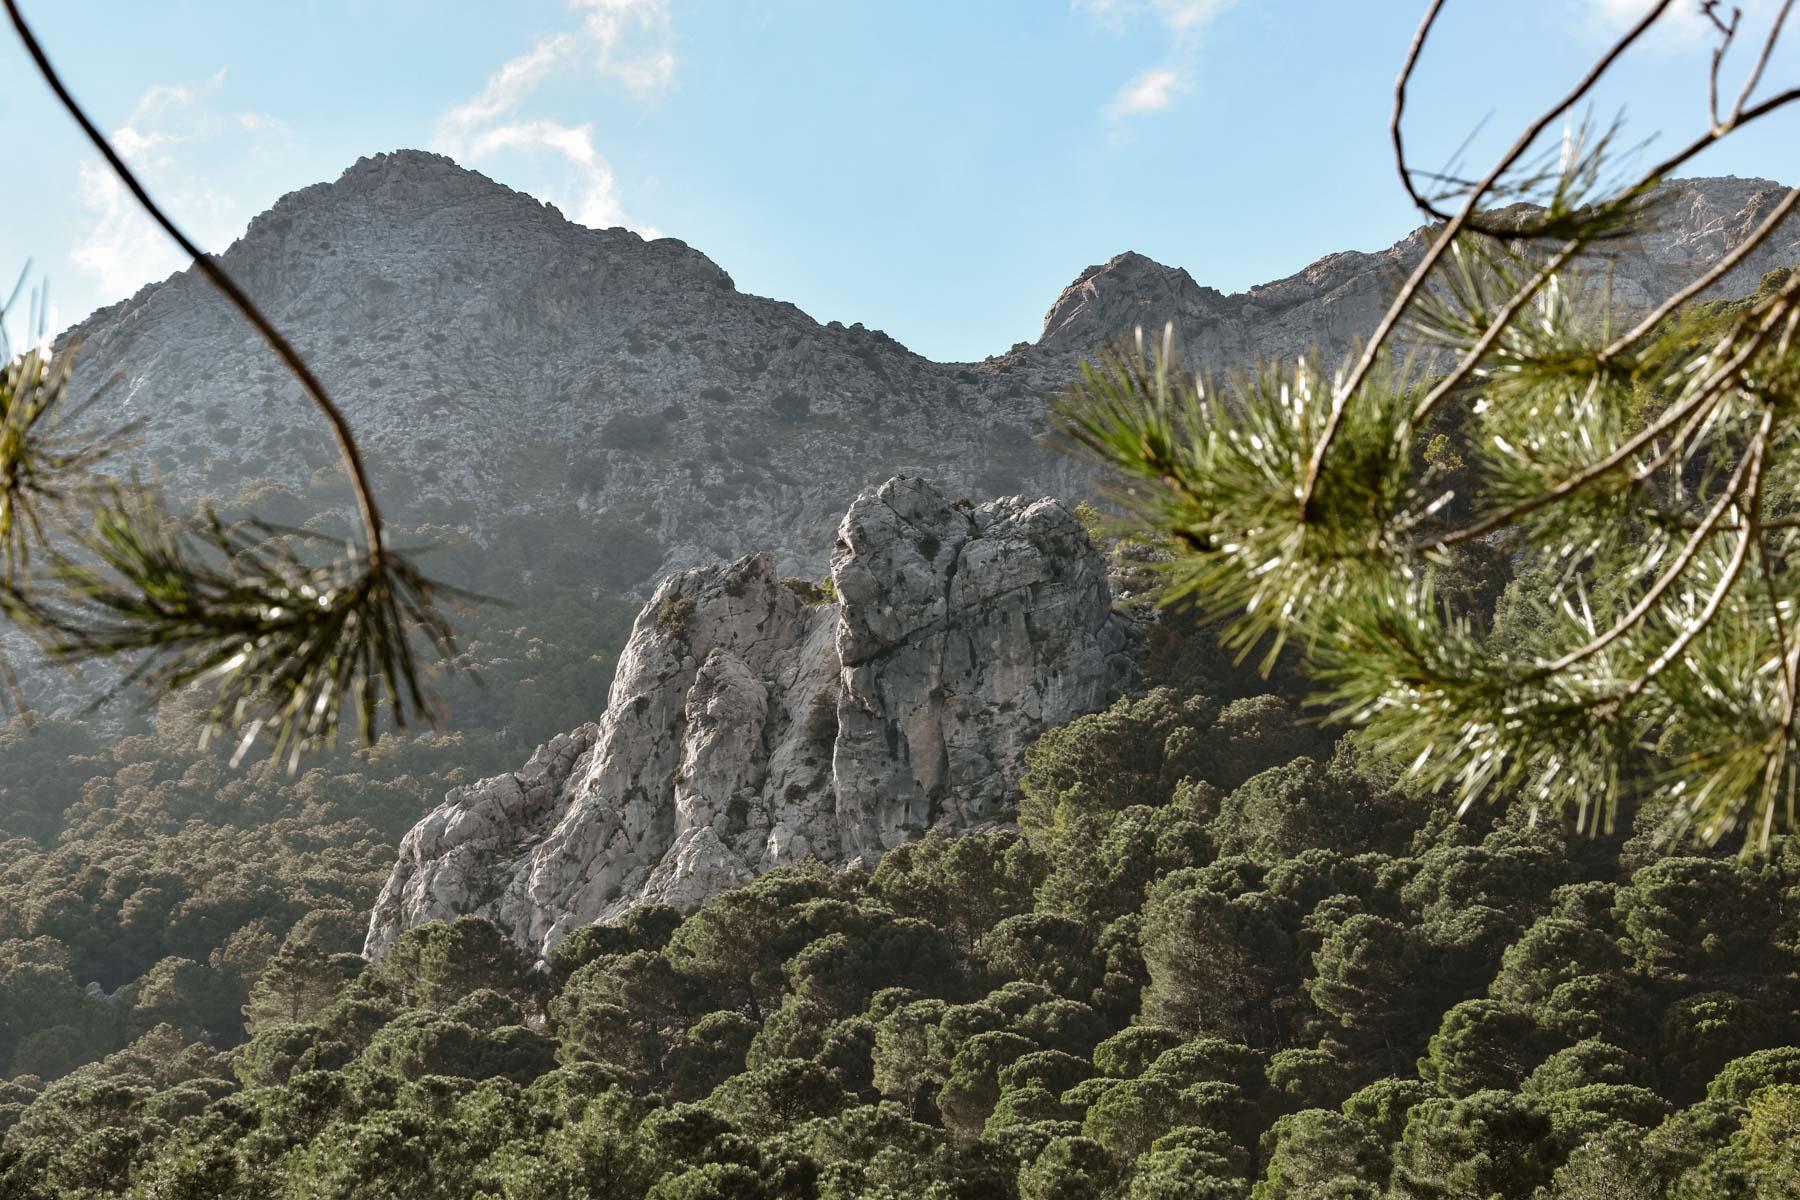 Randonnée dans la Sierra de Grazalema, Andalousie